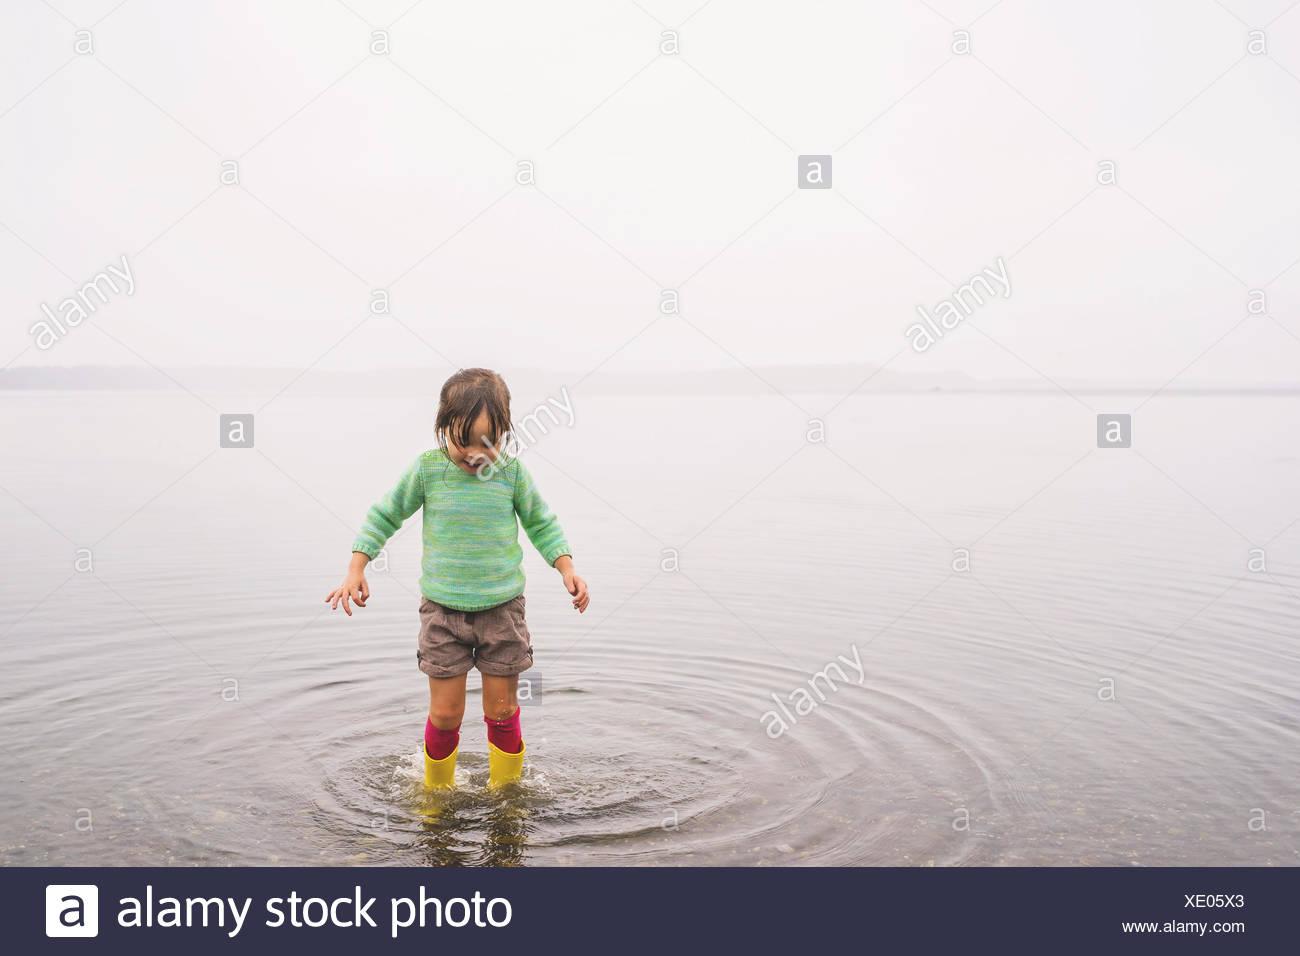 Chica de pie en aguas poco profundas, Haciendo ondulaciones Foto de stock